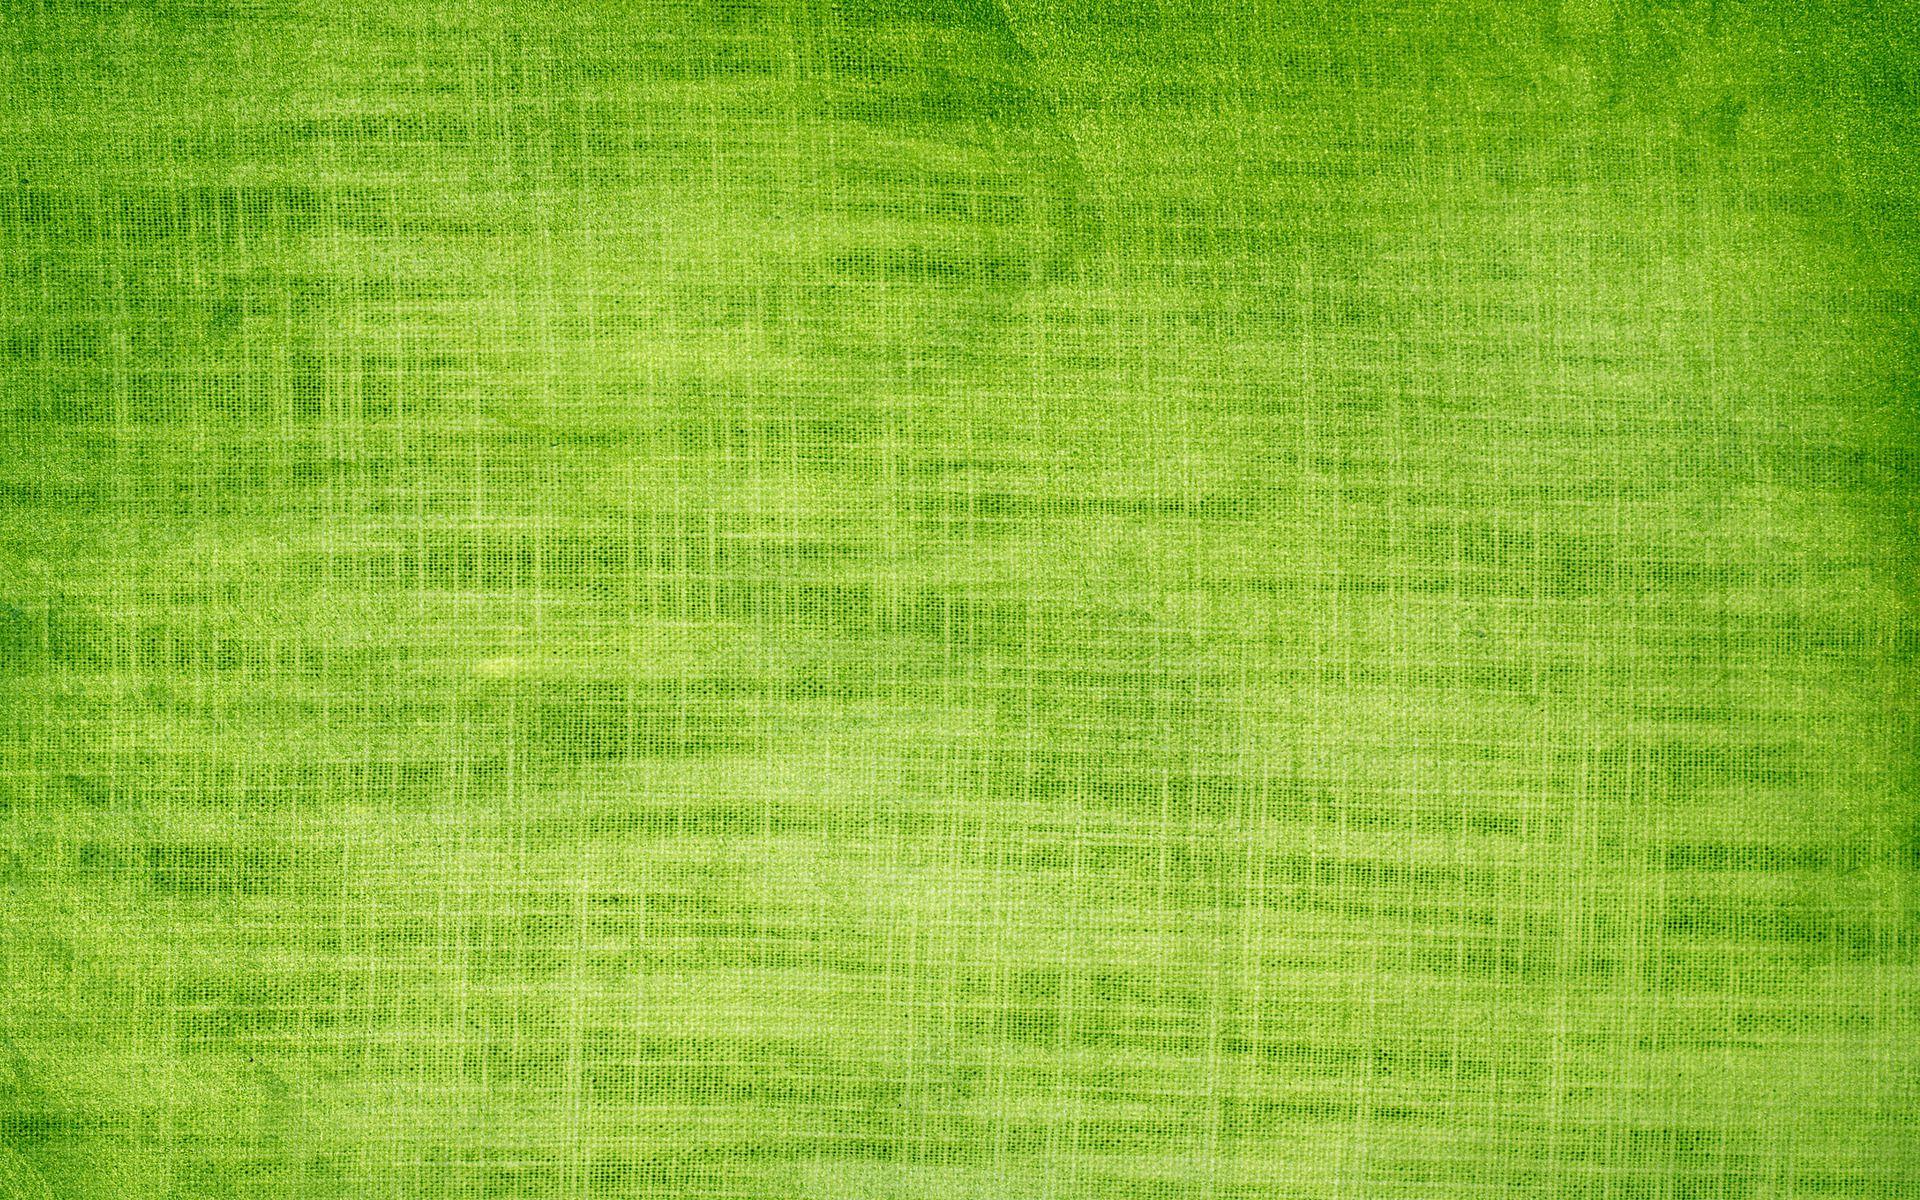 textured wallpaper 3 Desktop Wallpapers